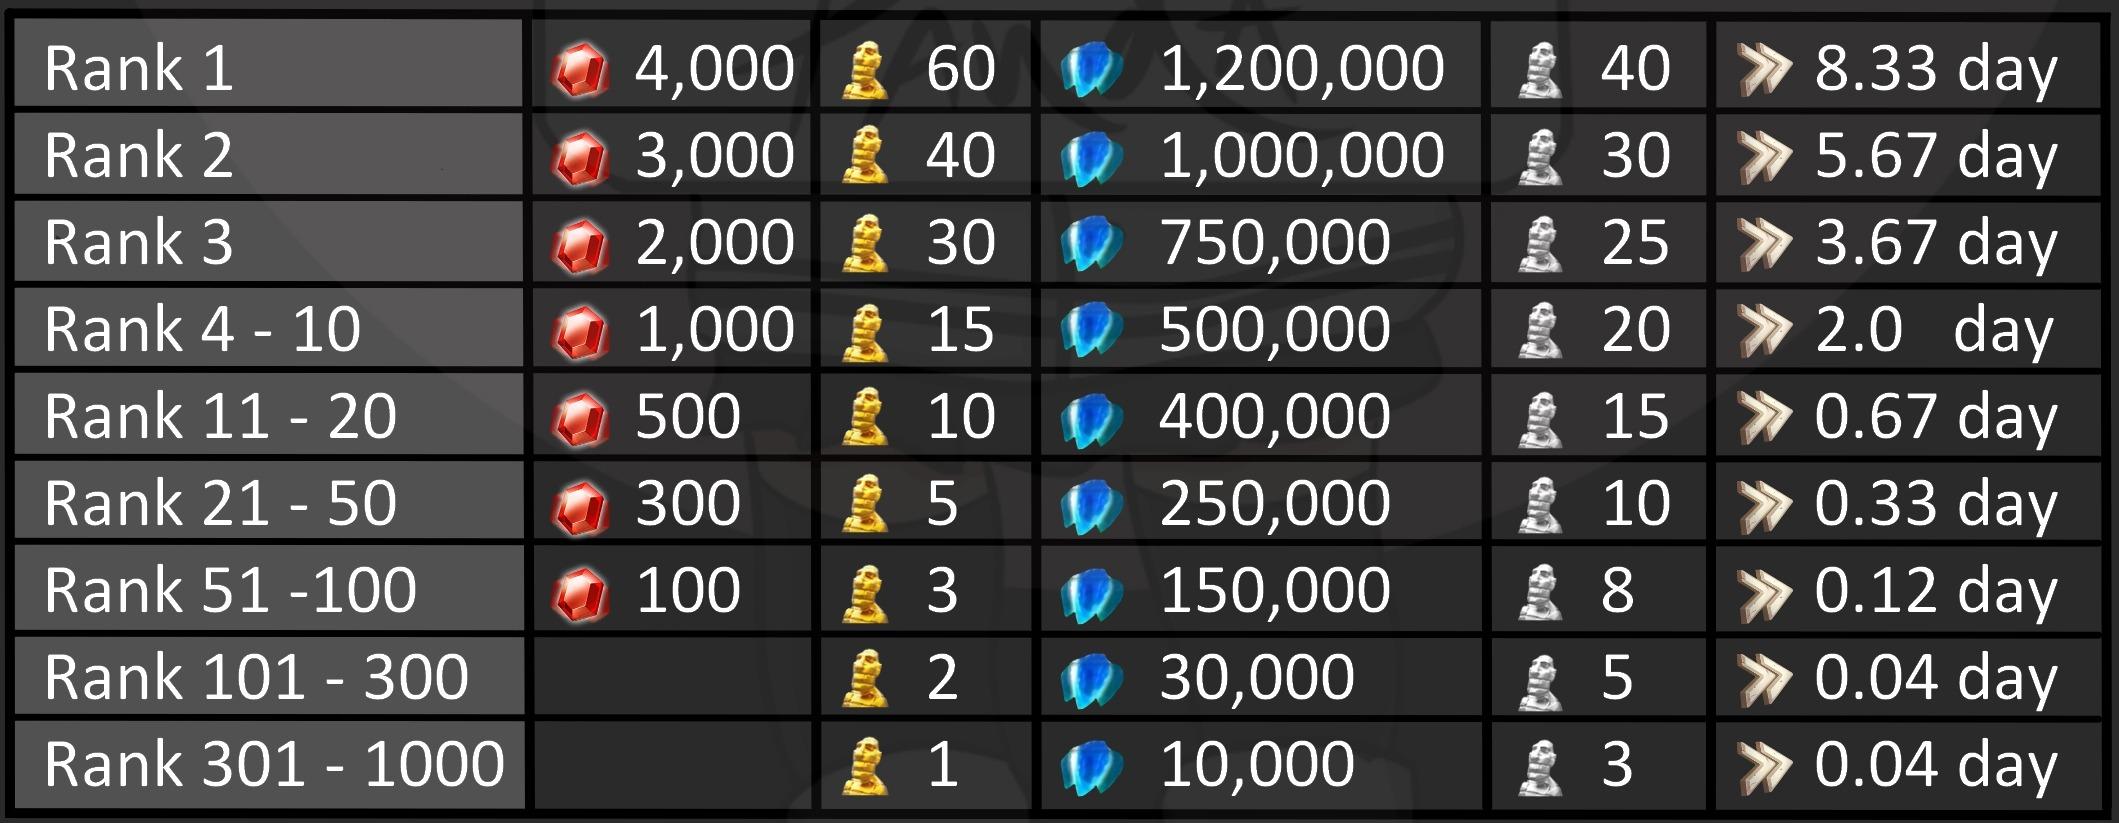 pre kvk4 individual rewards